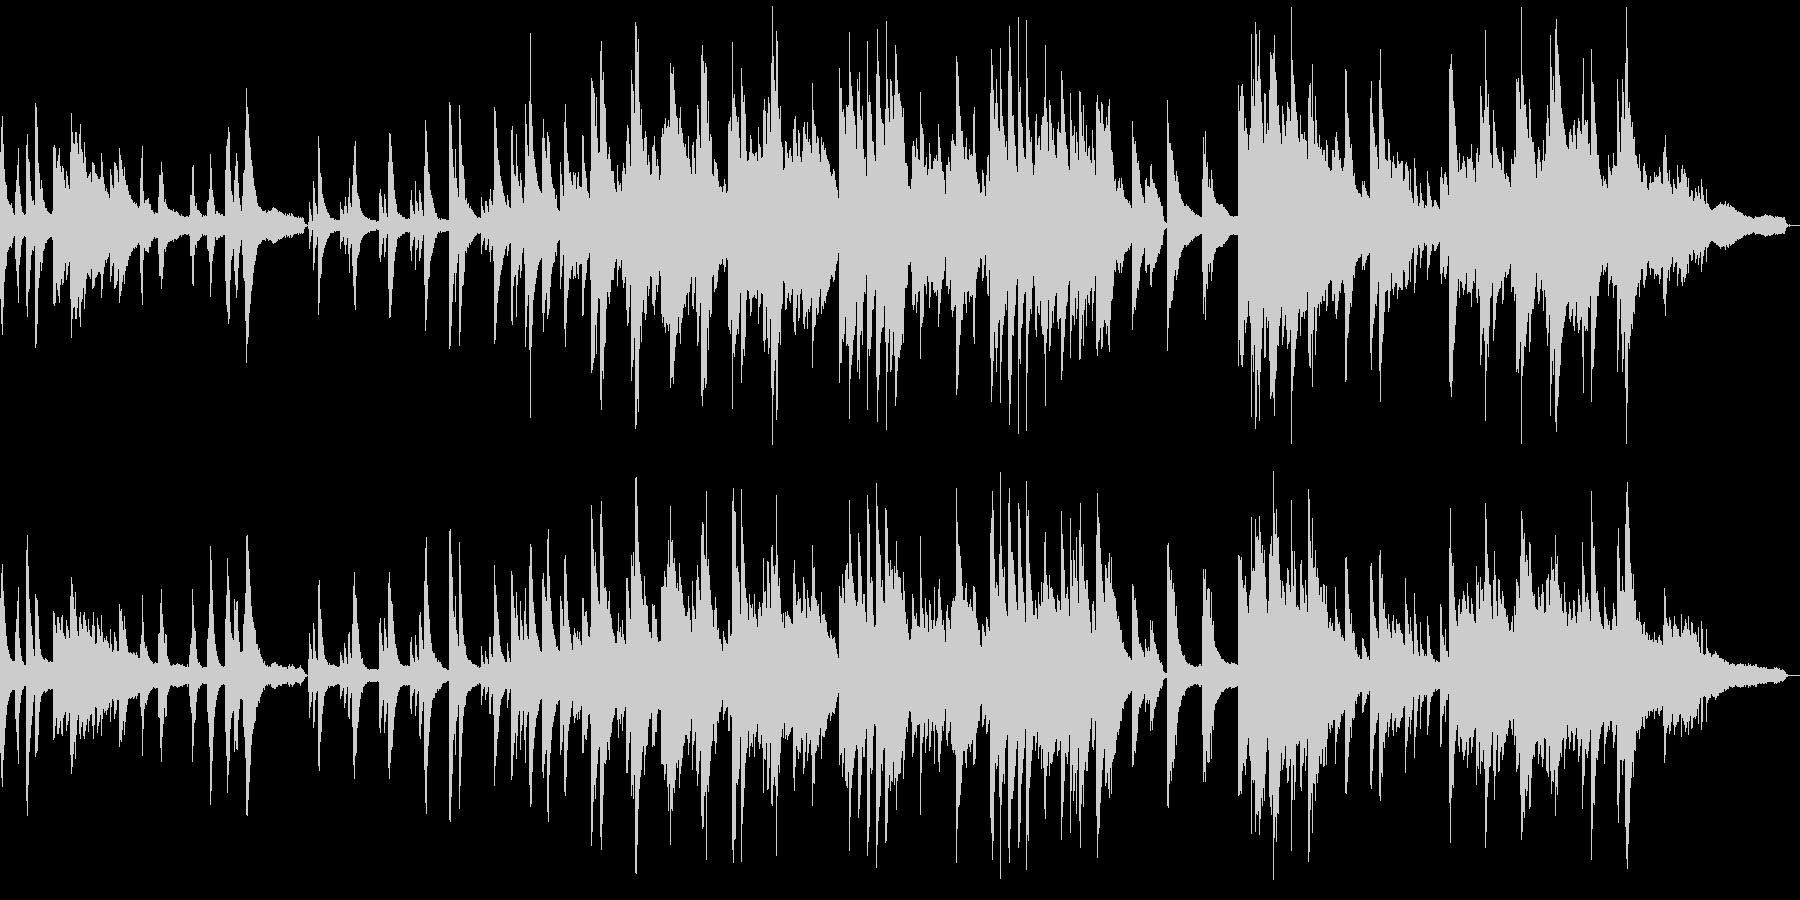 静かで優しいソロピアノのジャズバラードの未再生の波形